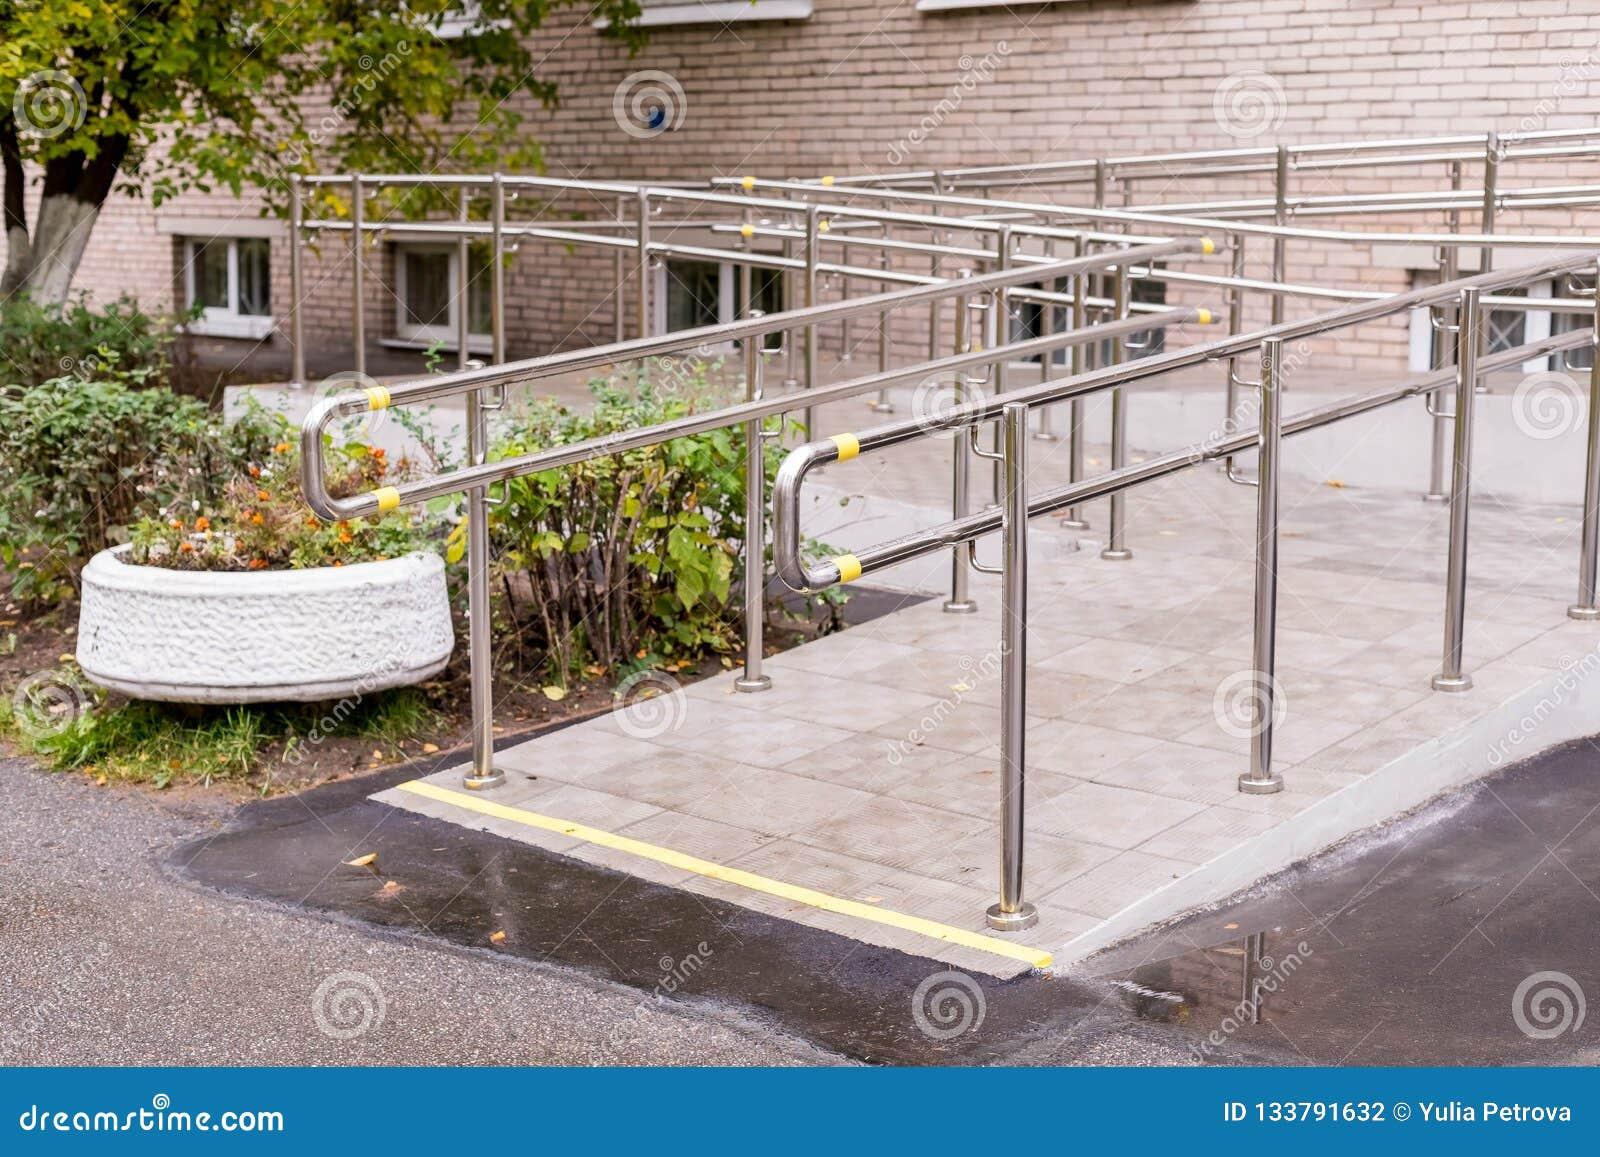 Concret-Rampenweise mit Edelstahlhandlauf mit behindertem Zeichen für Stützrollstuhlbehinderter Sträflinge und Arme